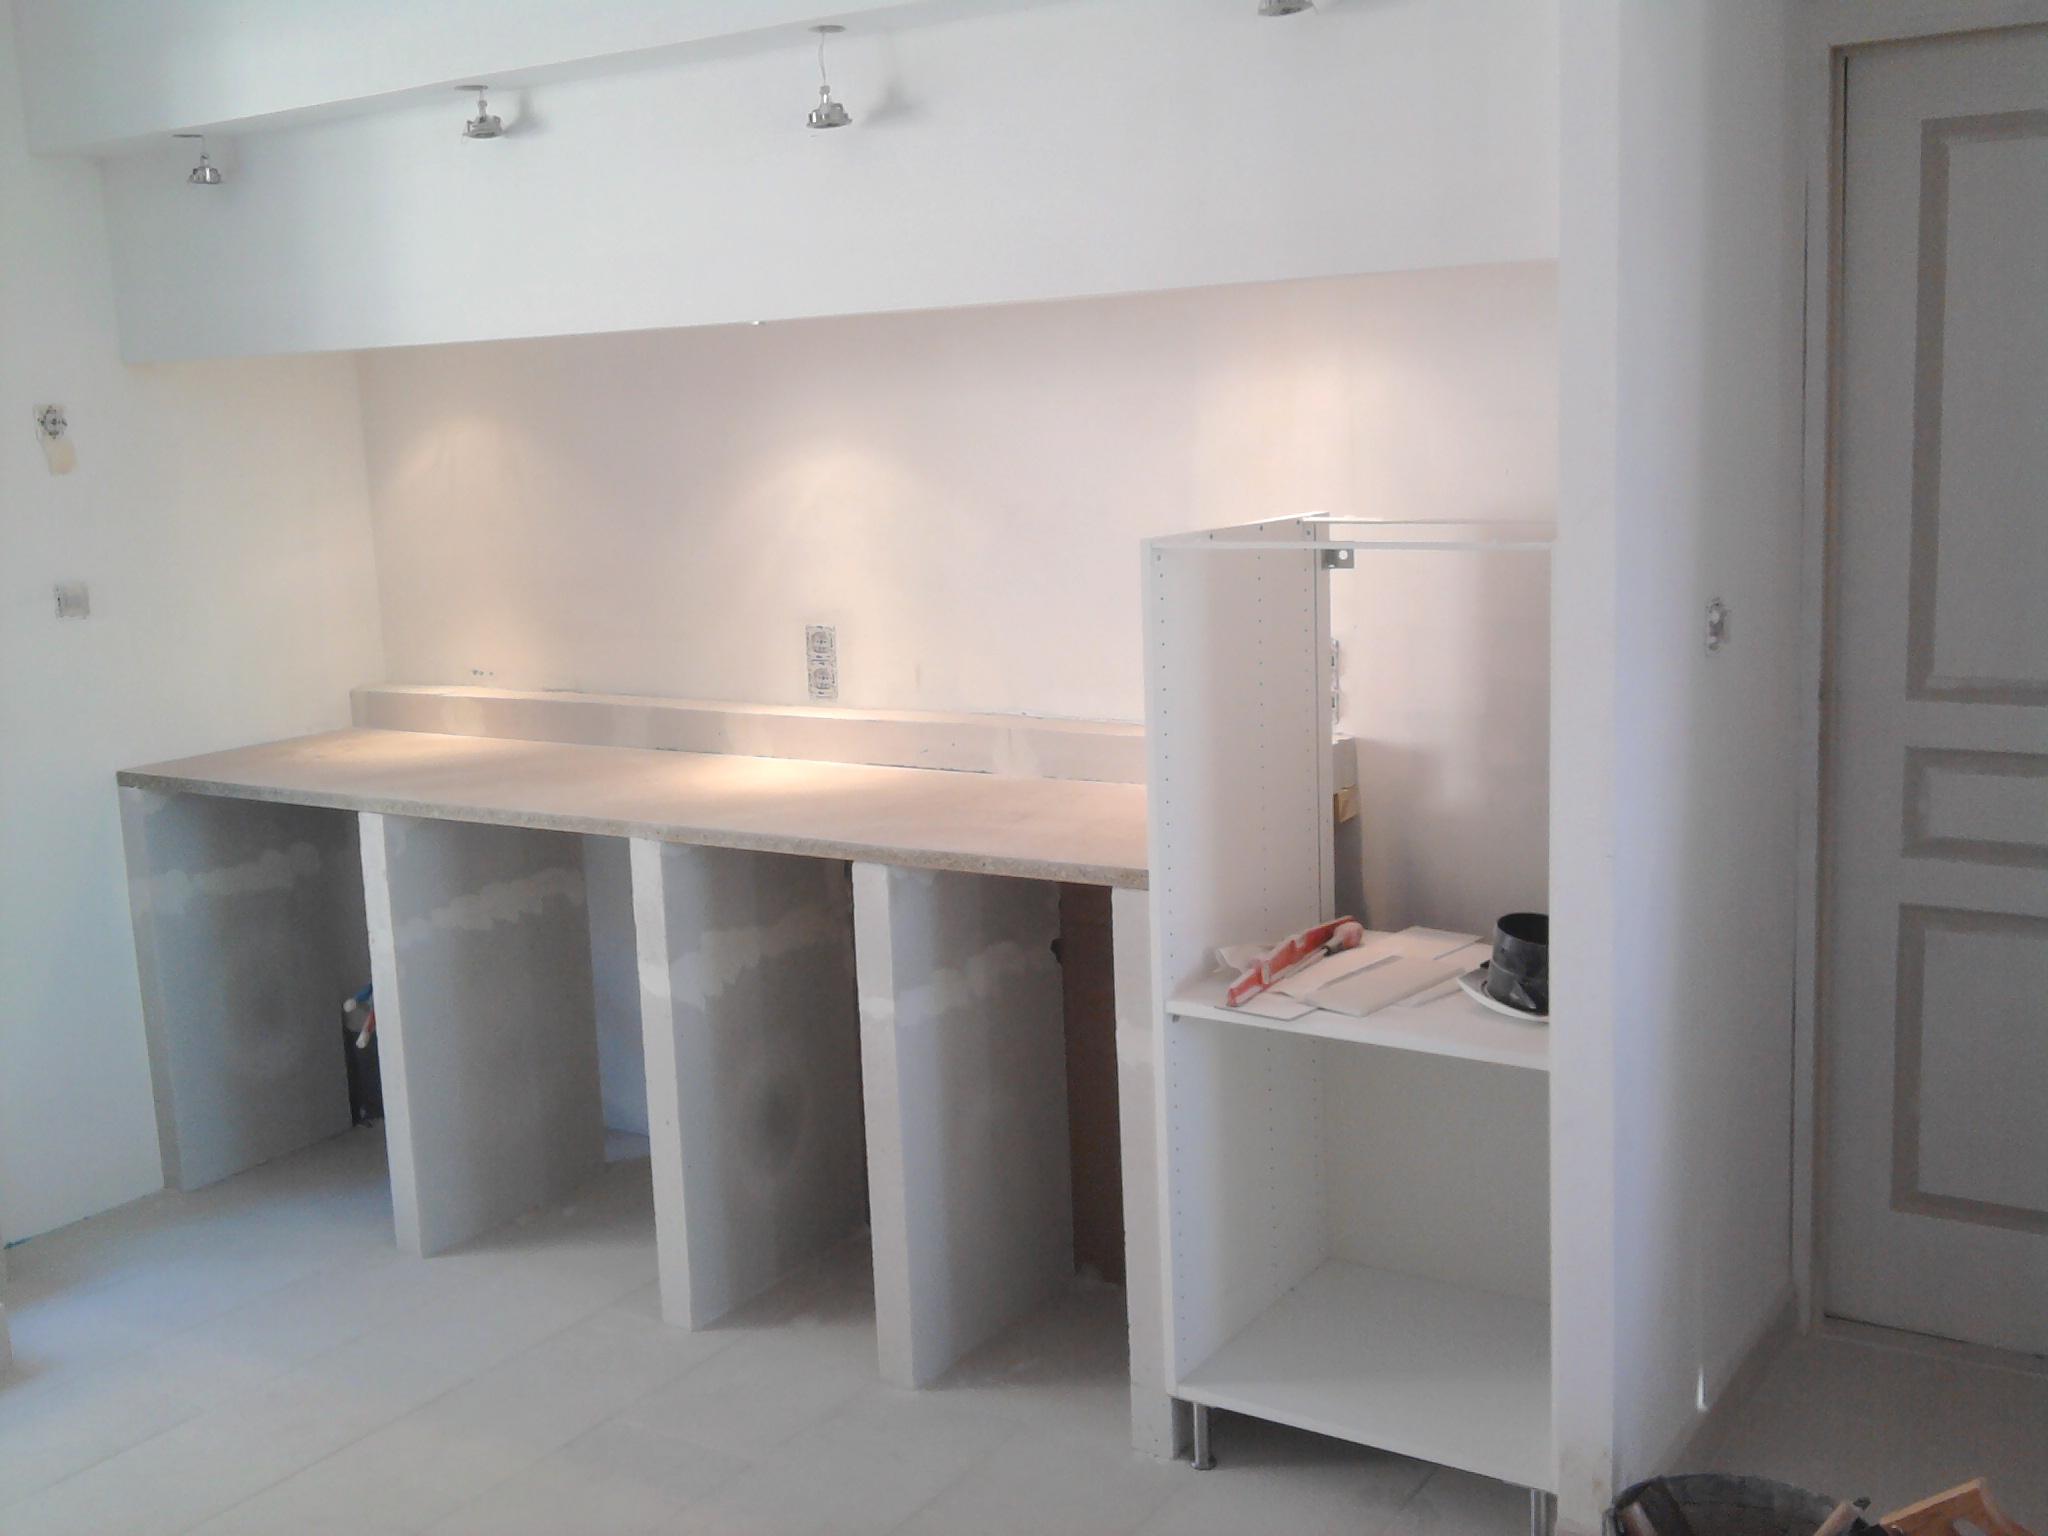 free amenagement interieur realisation de votre cuisine en maconnerie with amenagement interieur. Black Bedroom Furniture Sets. Home Design Ideas